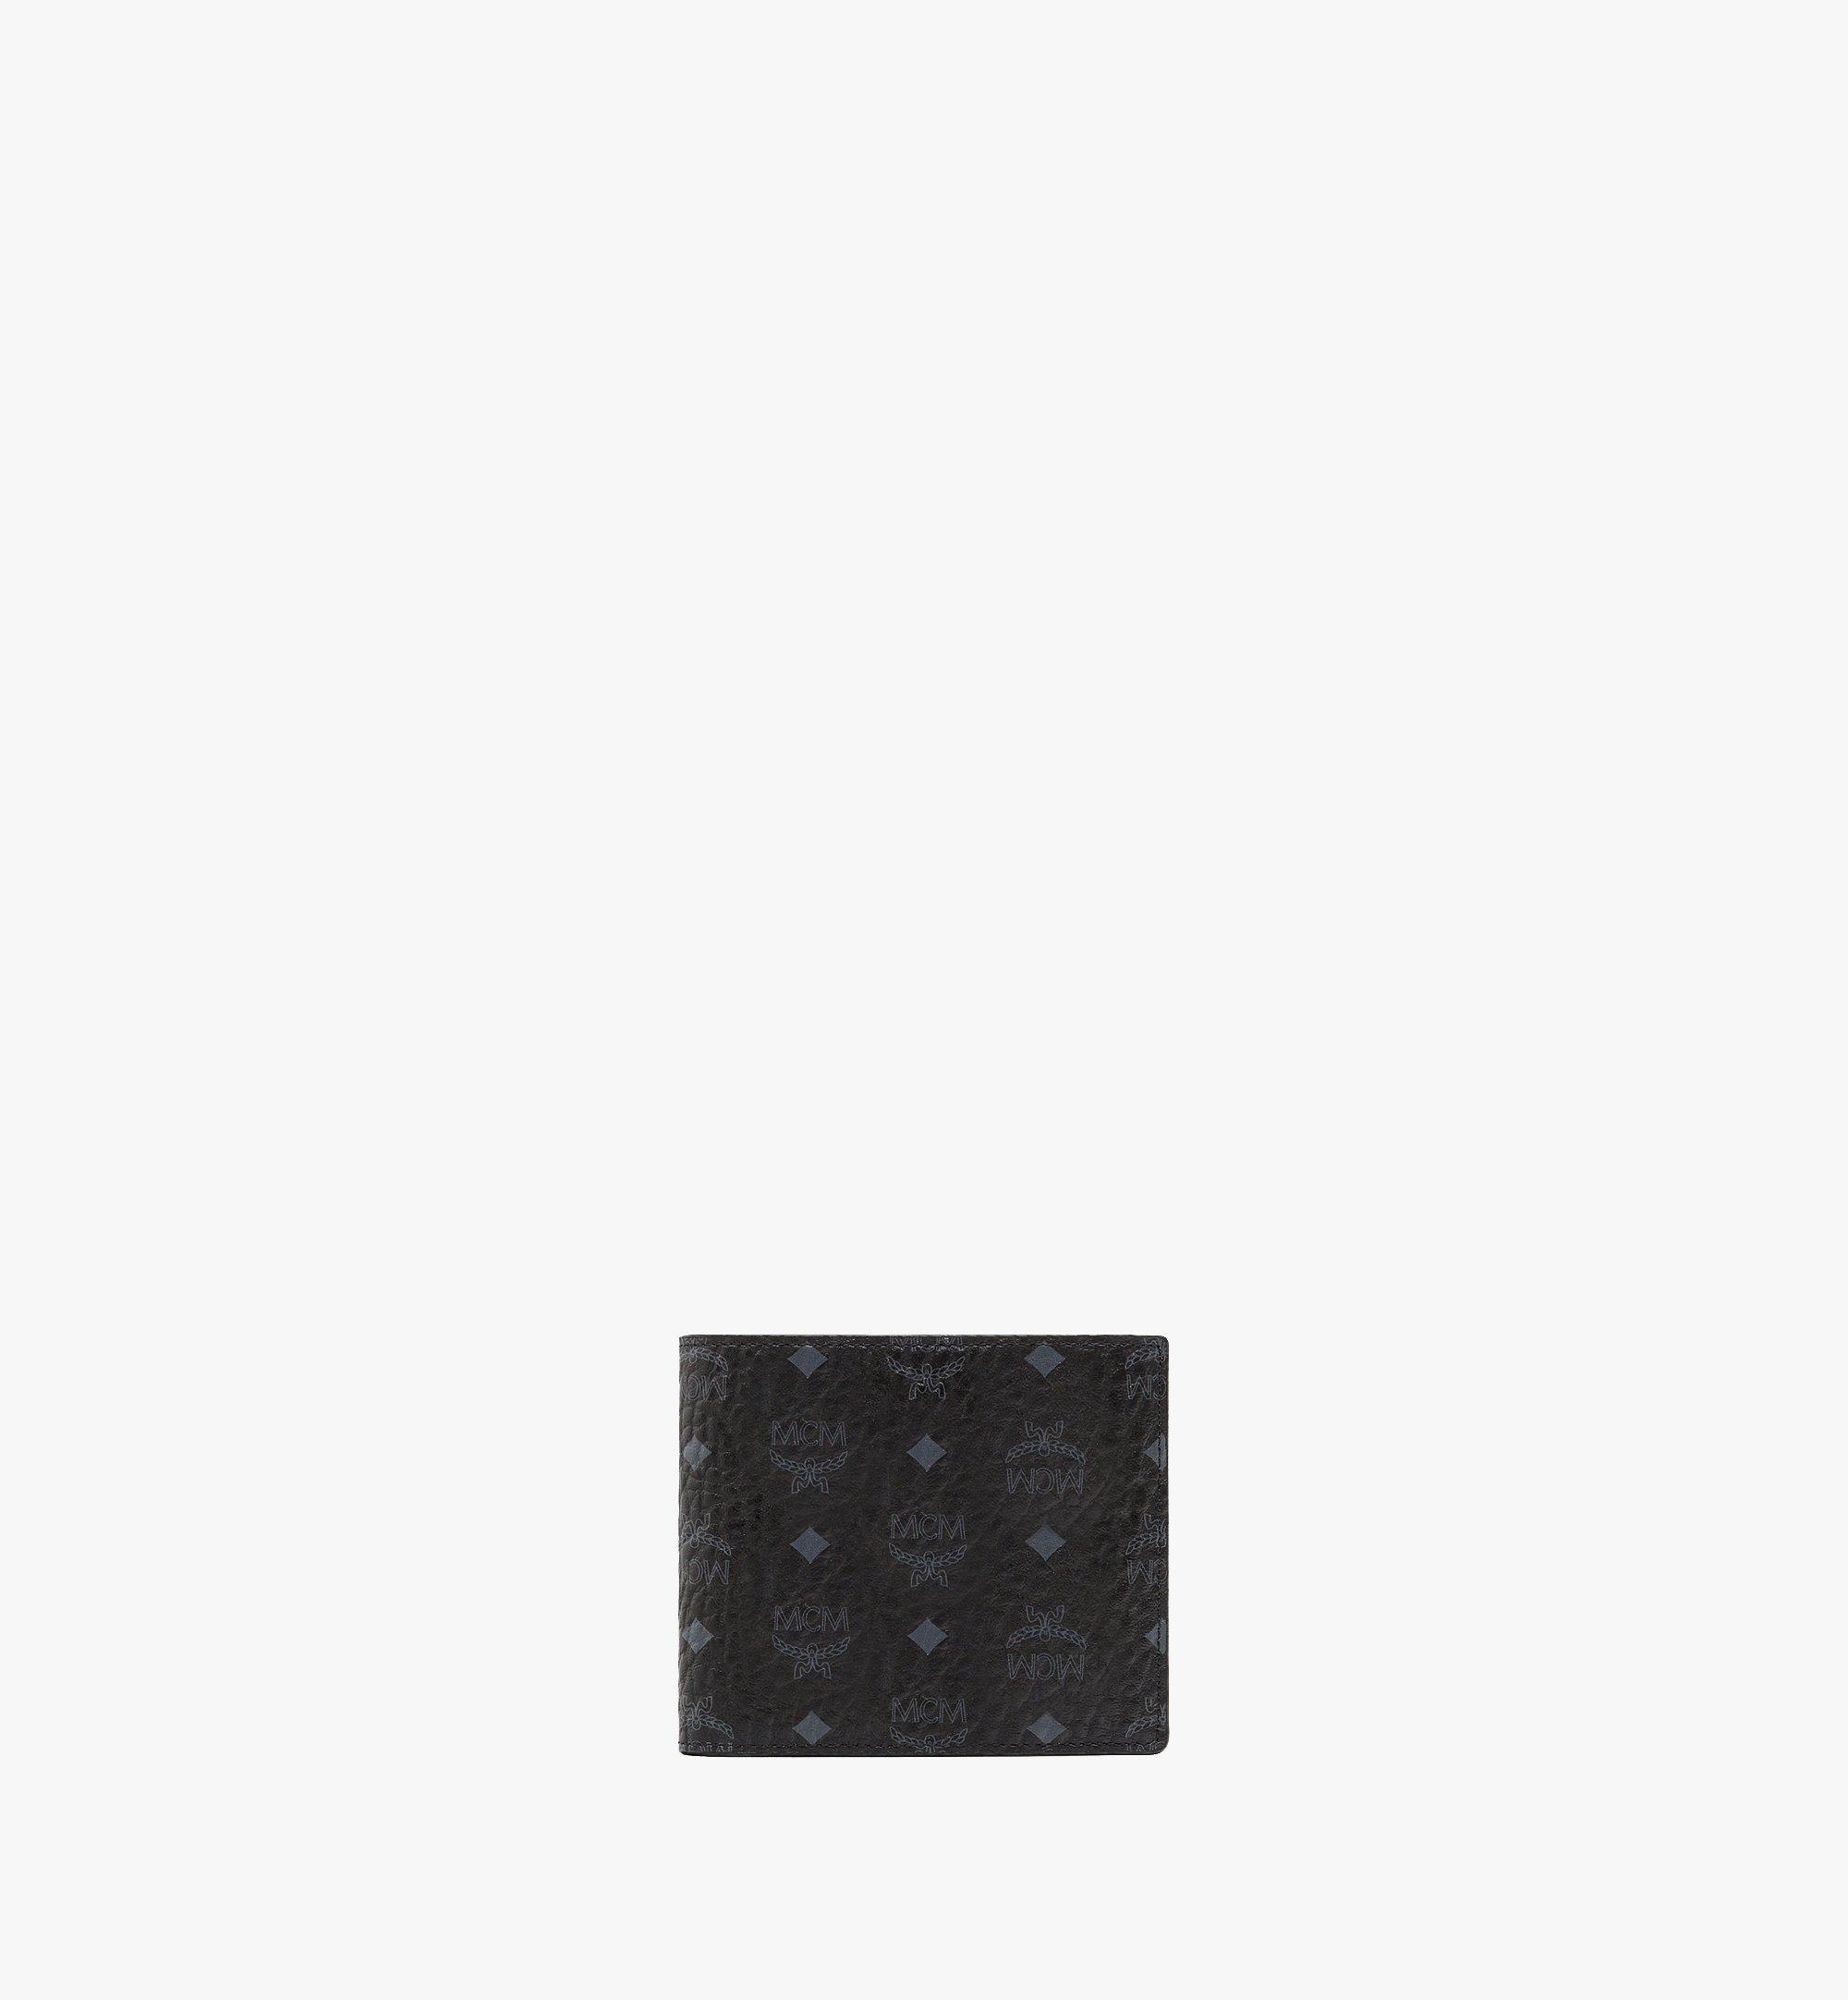 MCM Original gefaltete Brieftasche in Visetos Black MXS8SVI66BK001 Alternate View 1